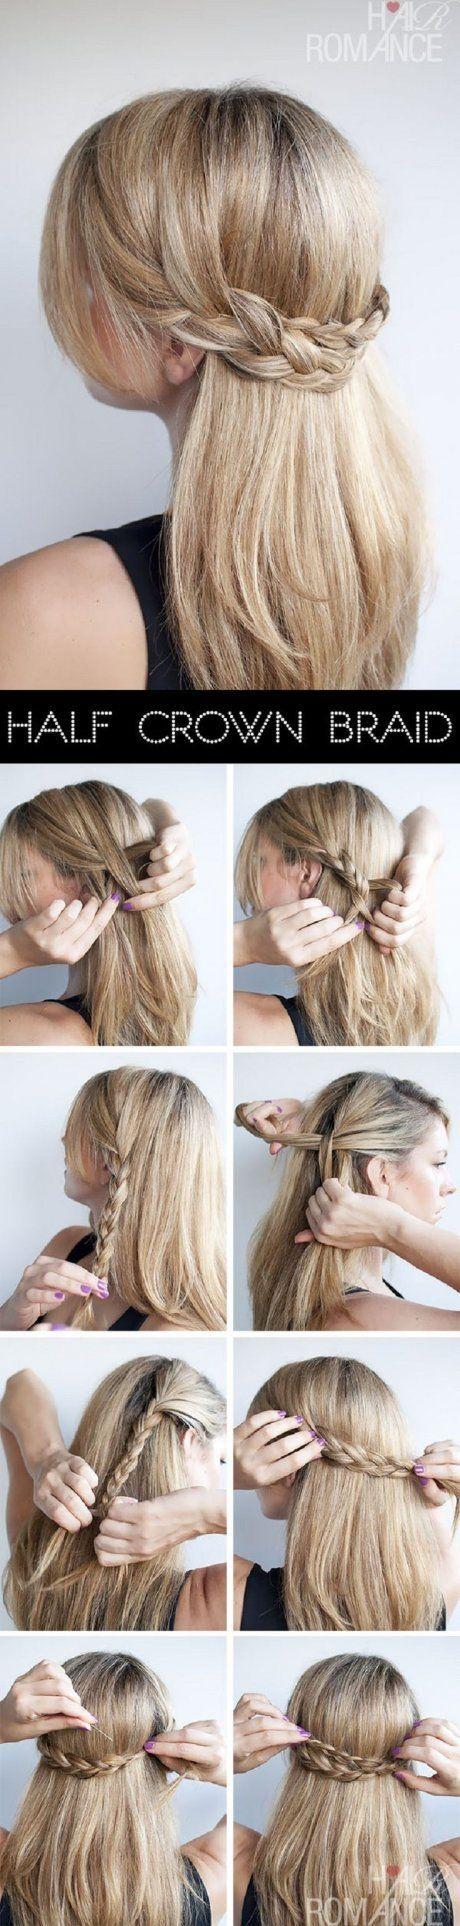 #peinados #trenzas #maquillaje #tutoriales de belleza Visitar Web Aqui: http://tendenciasymasmoda.blogspot.com/2013/09/estilos-de-peinados.html